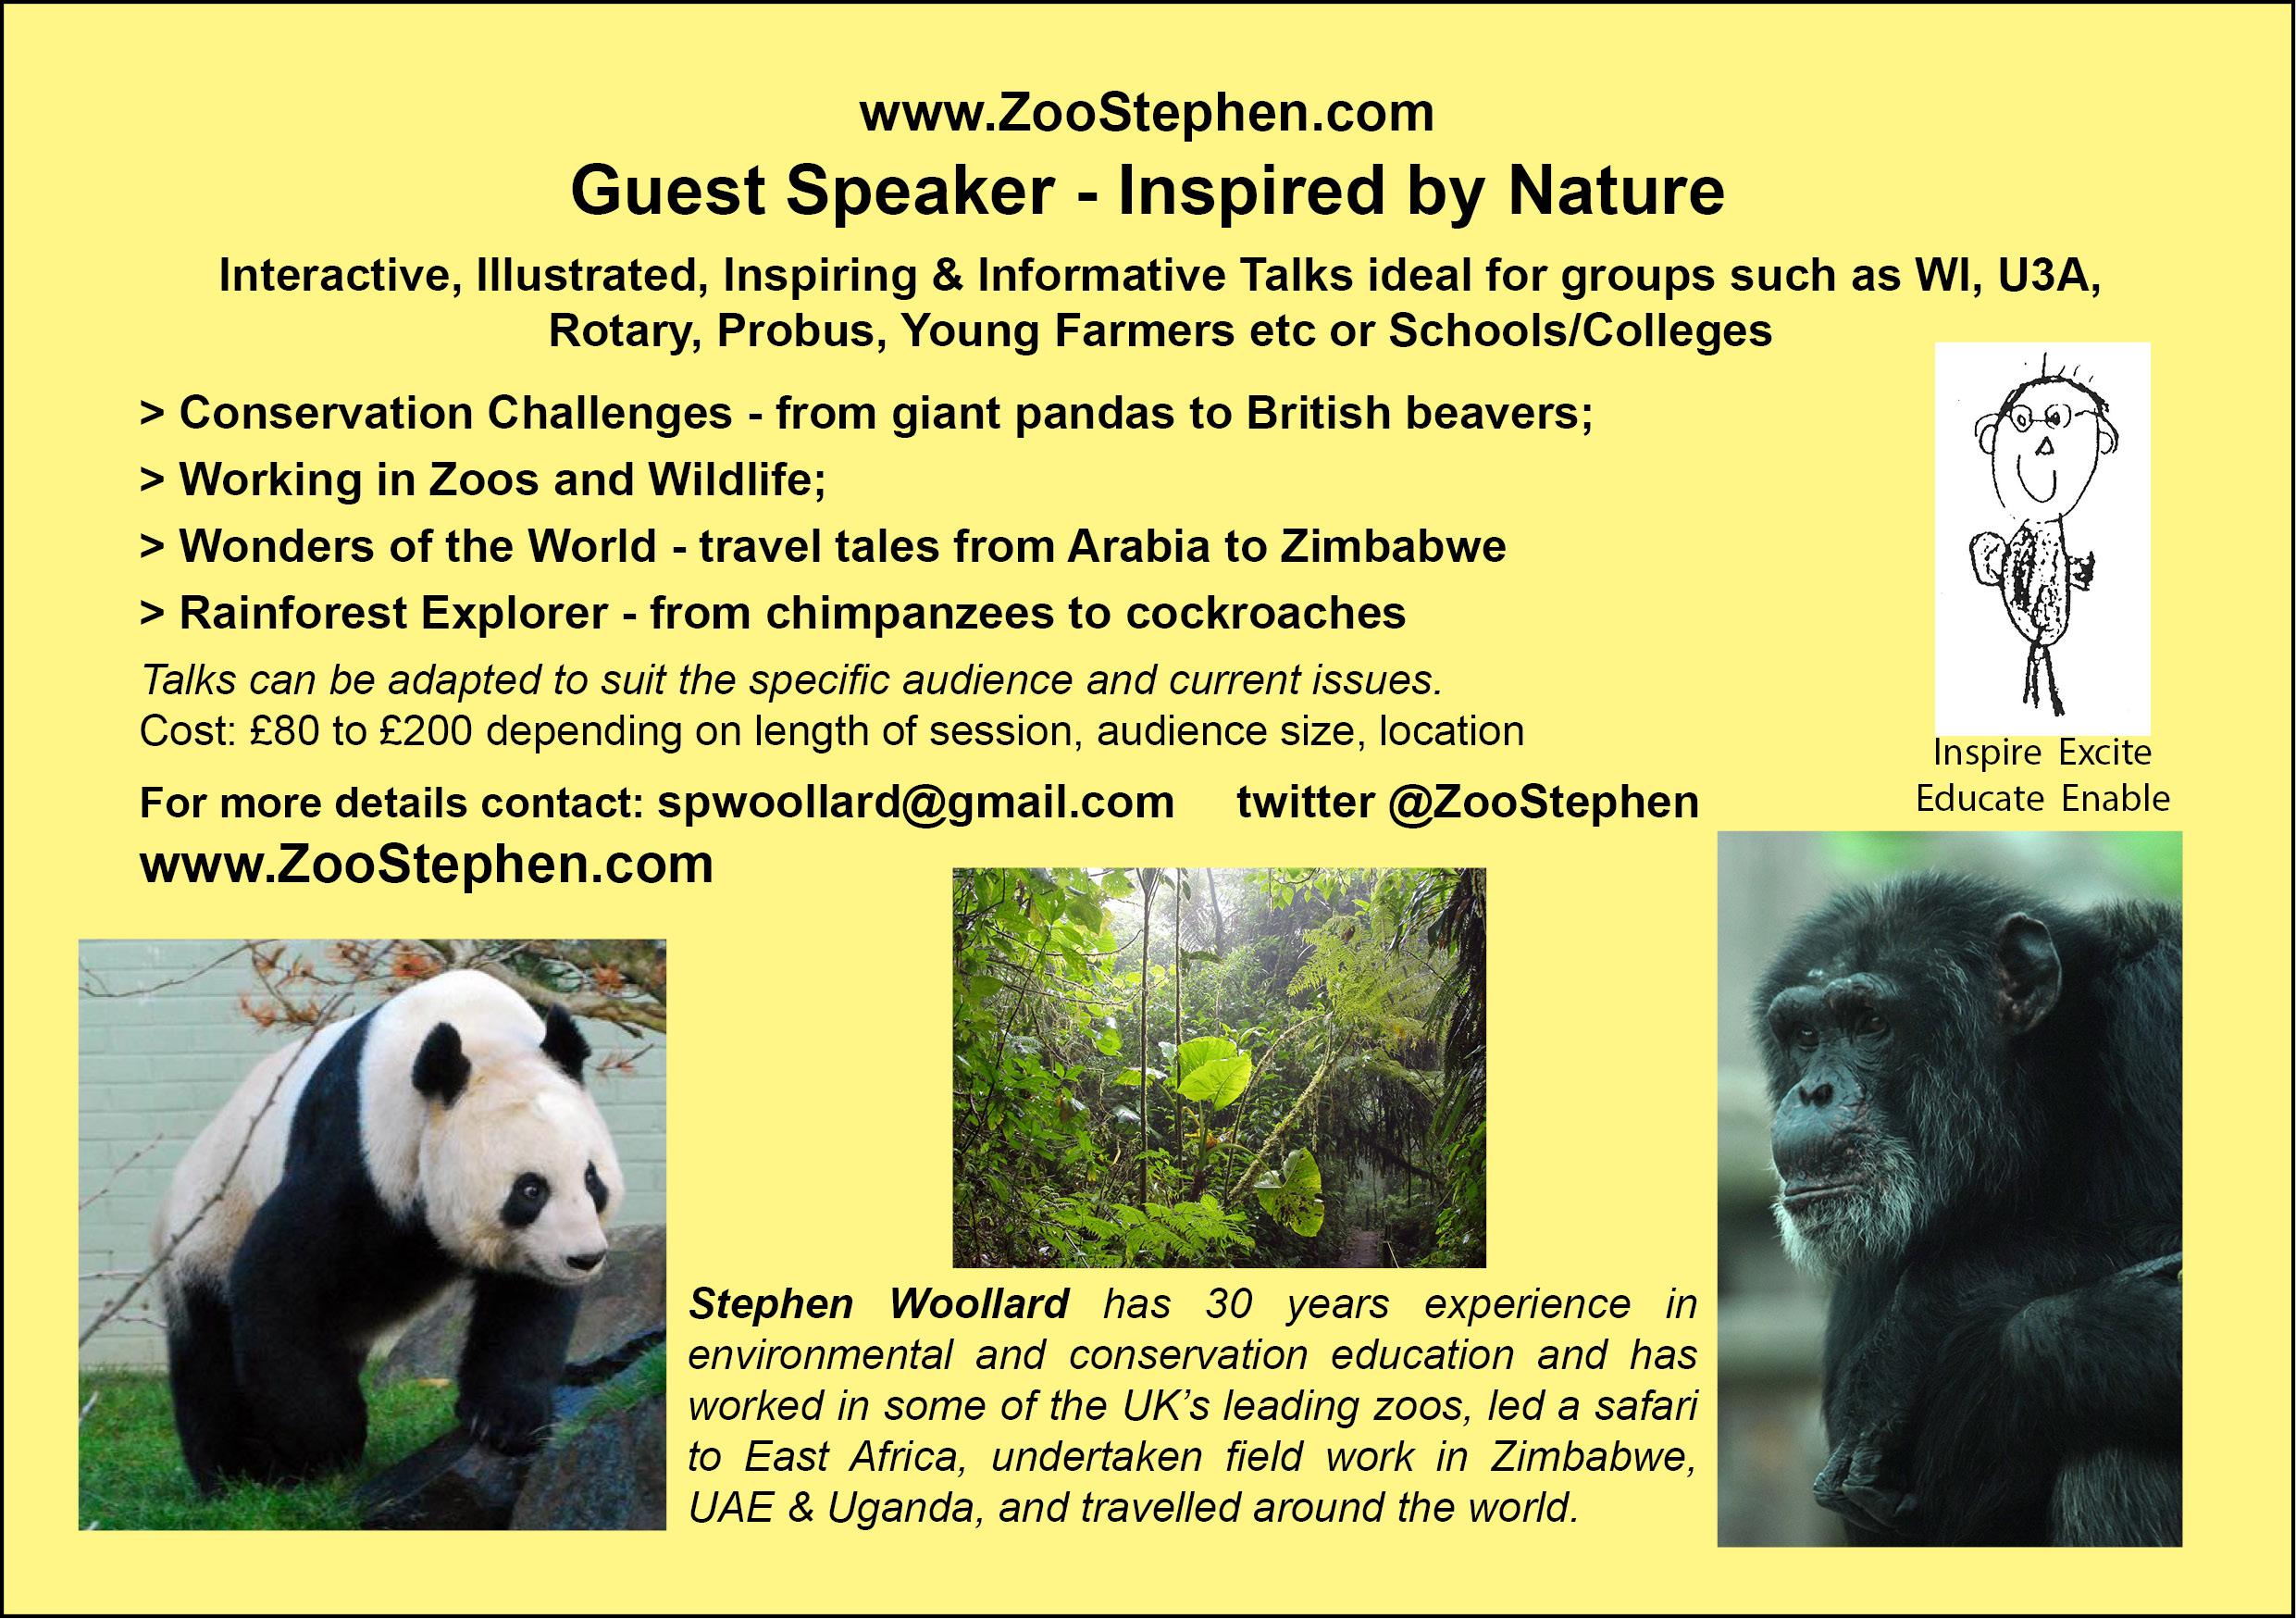 zoostephen-guest-speaker